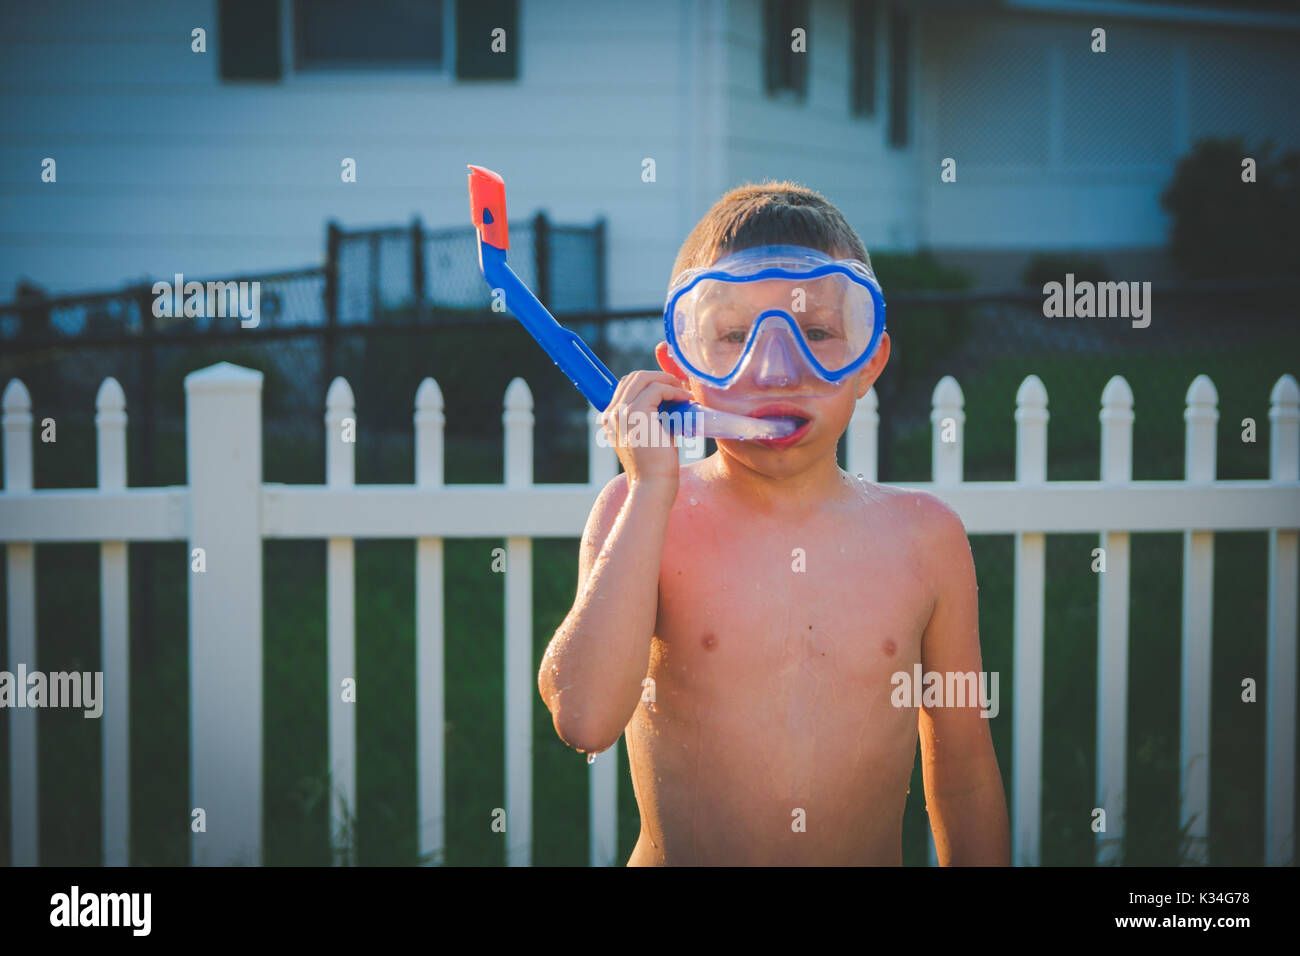 Un niño lleva una máscara de buceo en el jardín durante el verano. Foto de stock